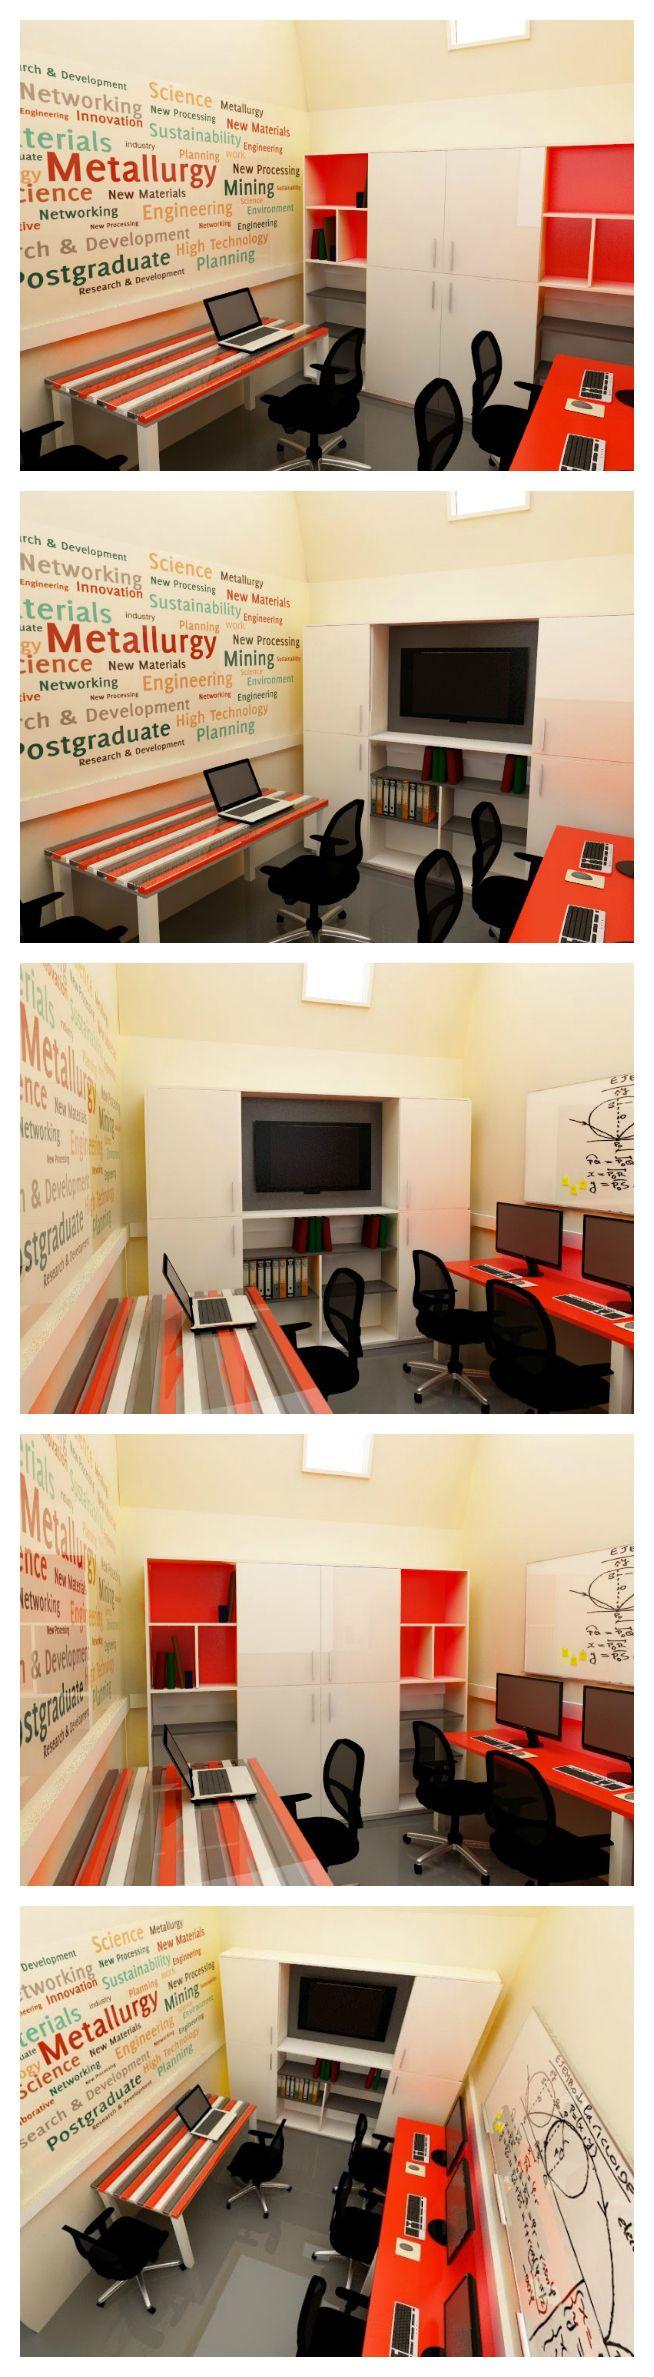 Oficina de trabajo comunitaria para la UTFSM, donde predominan lo colores naranjo, gris y blanco. Se propone un papel mural con conceptos acordes a las temáticas de estudio y trabajo, un escritorio recto para 4 personas en color naranjo con bases pedestal blancas y una mesa de colores de la línea fun. El armario del fondo incluye una zona para TV y espacio para librero y archivos.